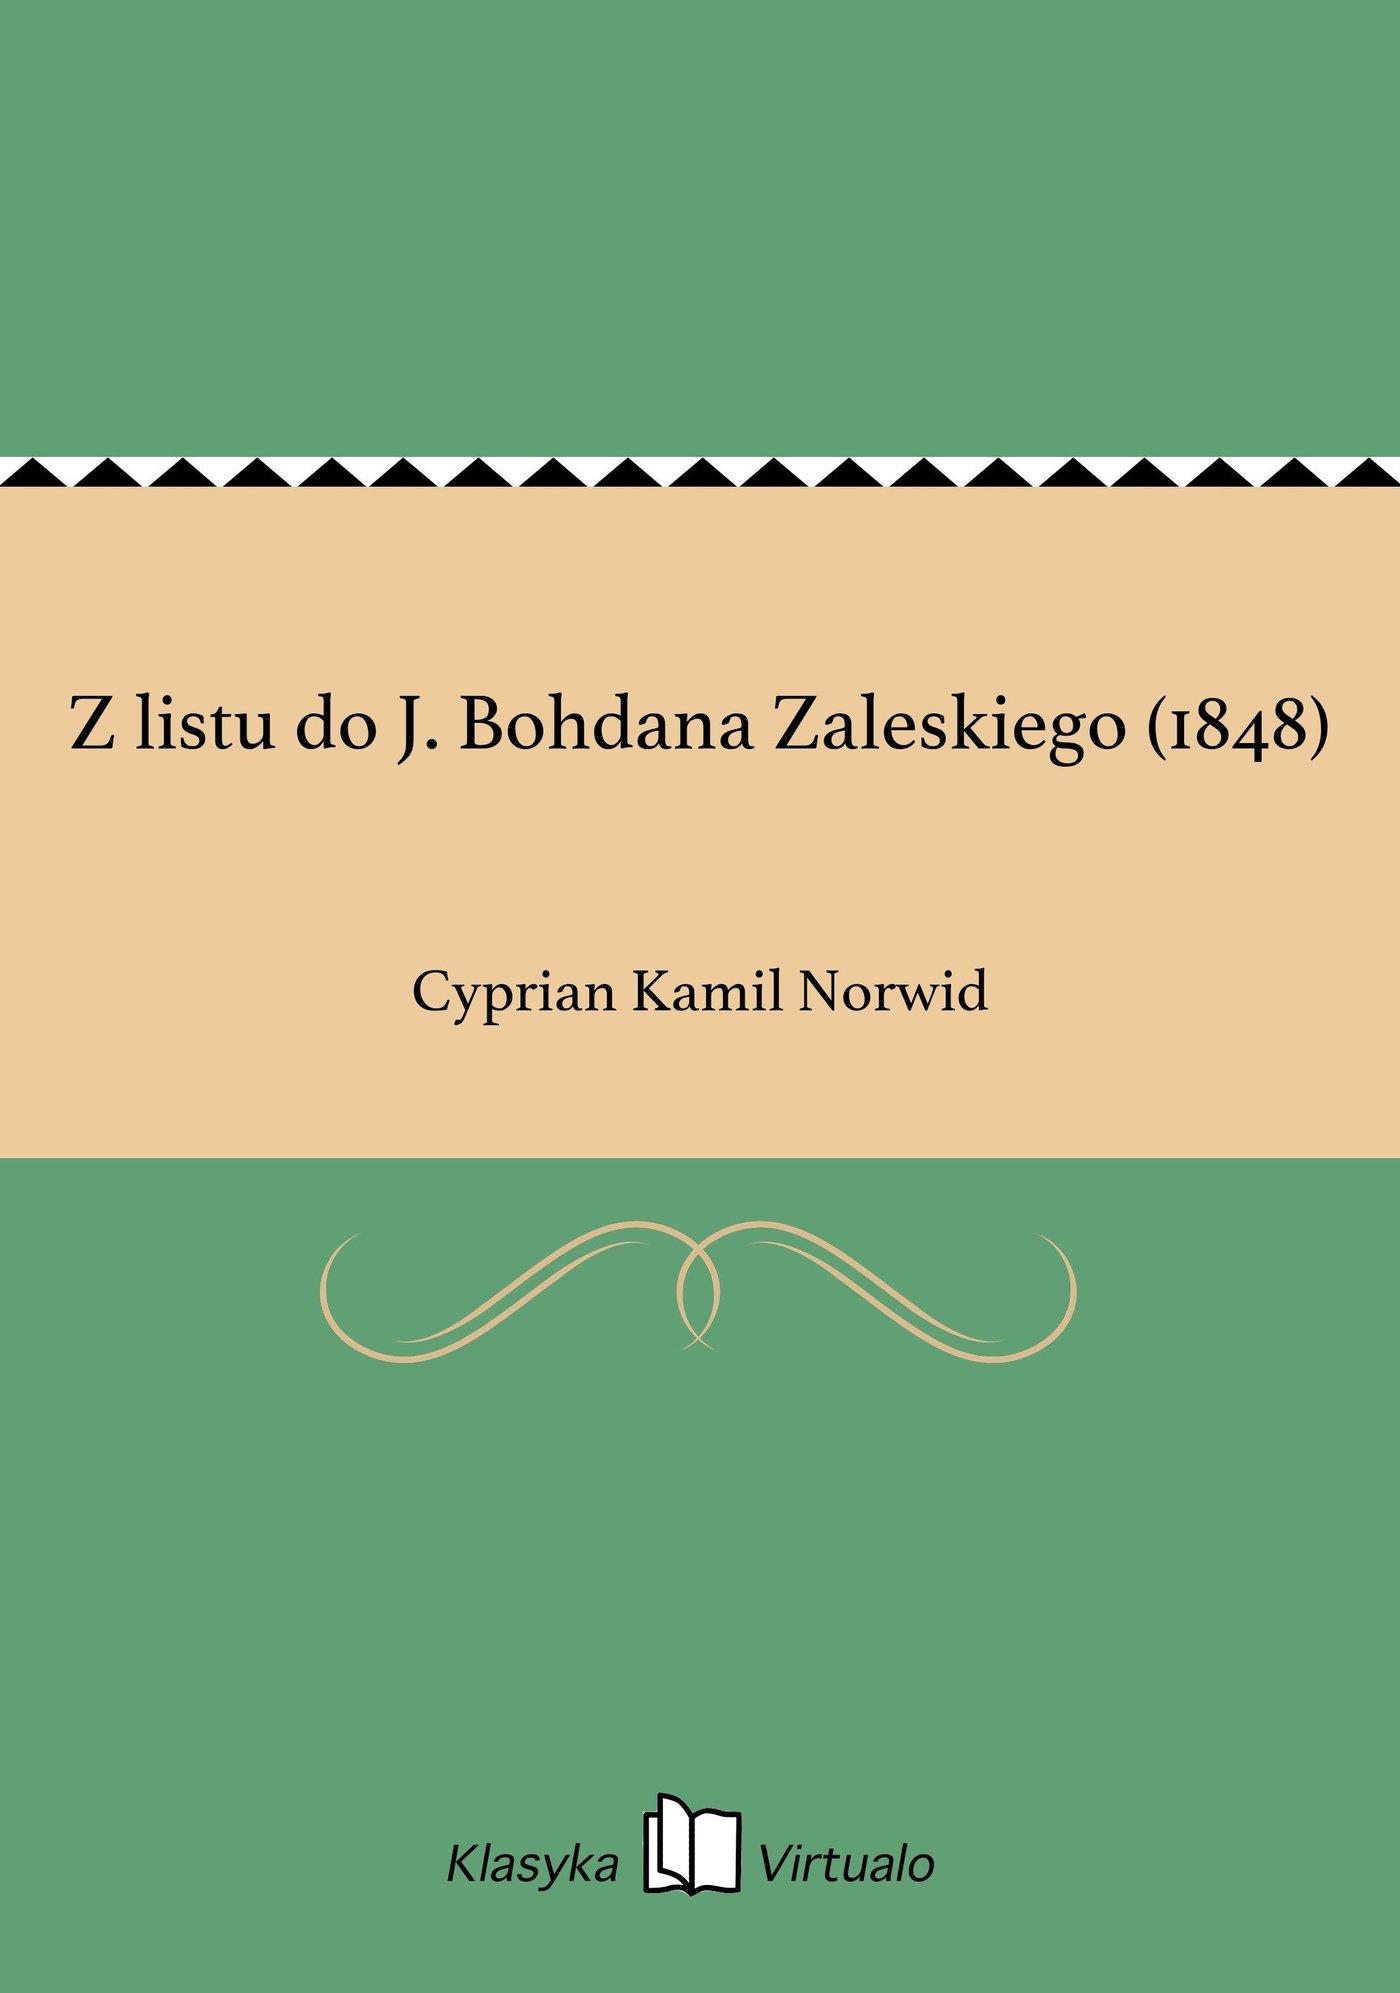 Z listu do J. Bohdana Zaleskiego (1848) - Ebook (Książka EPUB) do pobrania w formacie EPUB